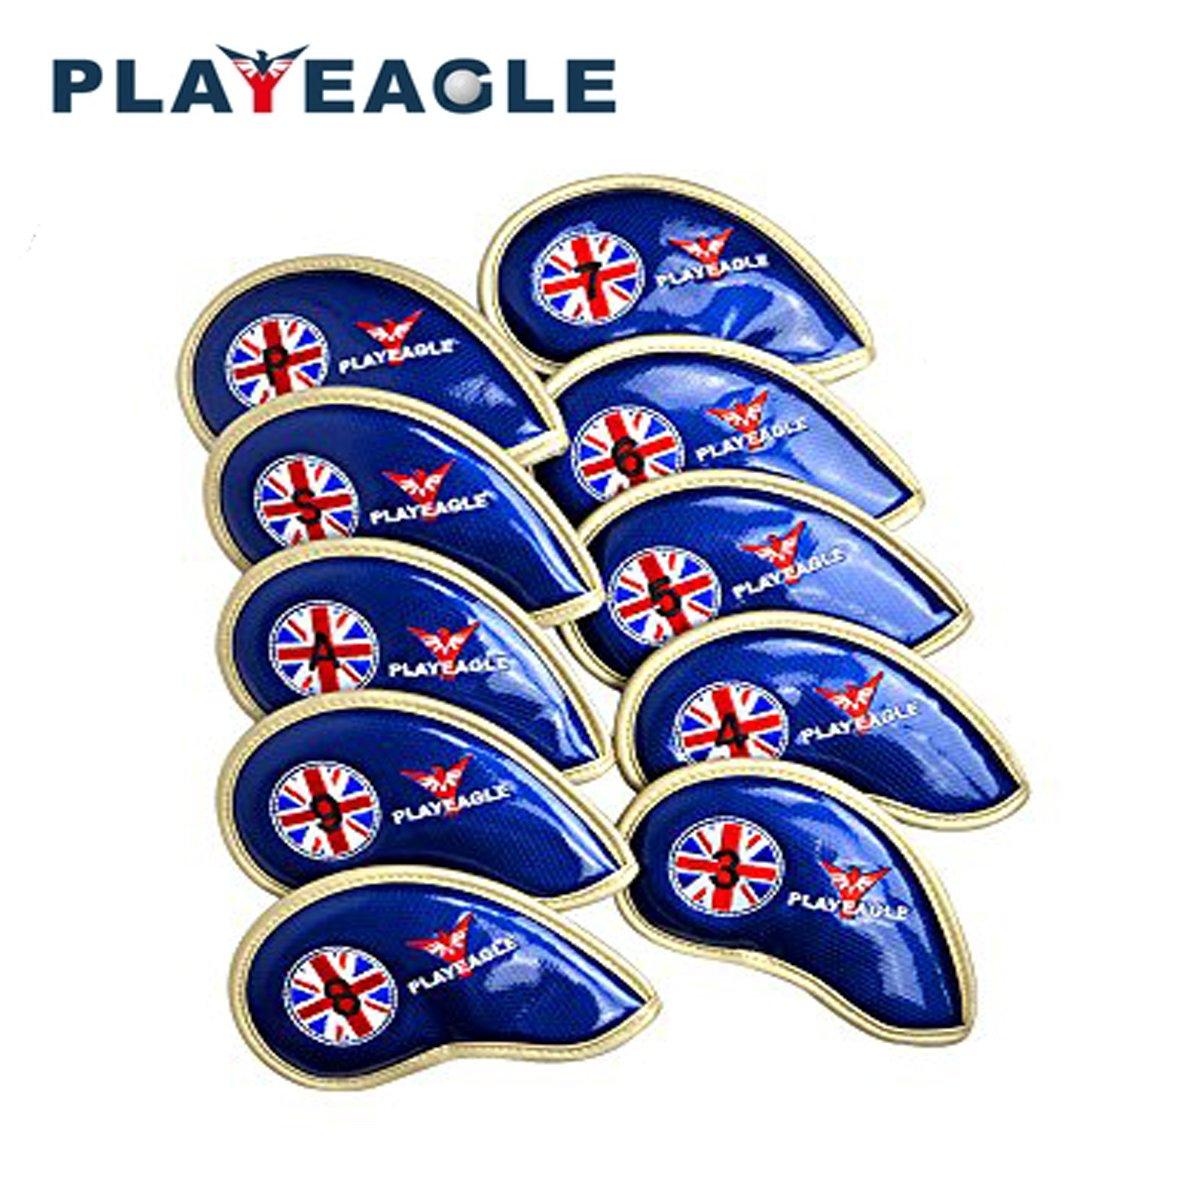 playeagle 10個/セット厚さPUレザーゴルフヘッドカバー防水Easy Cleanアイアンヘッドカバーwithパターン  ブルー B0788HHTJW